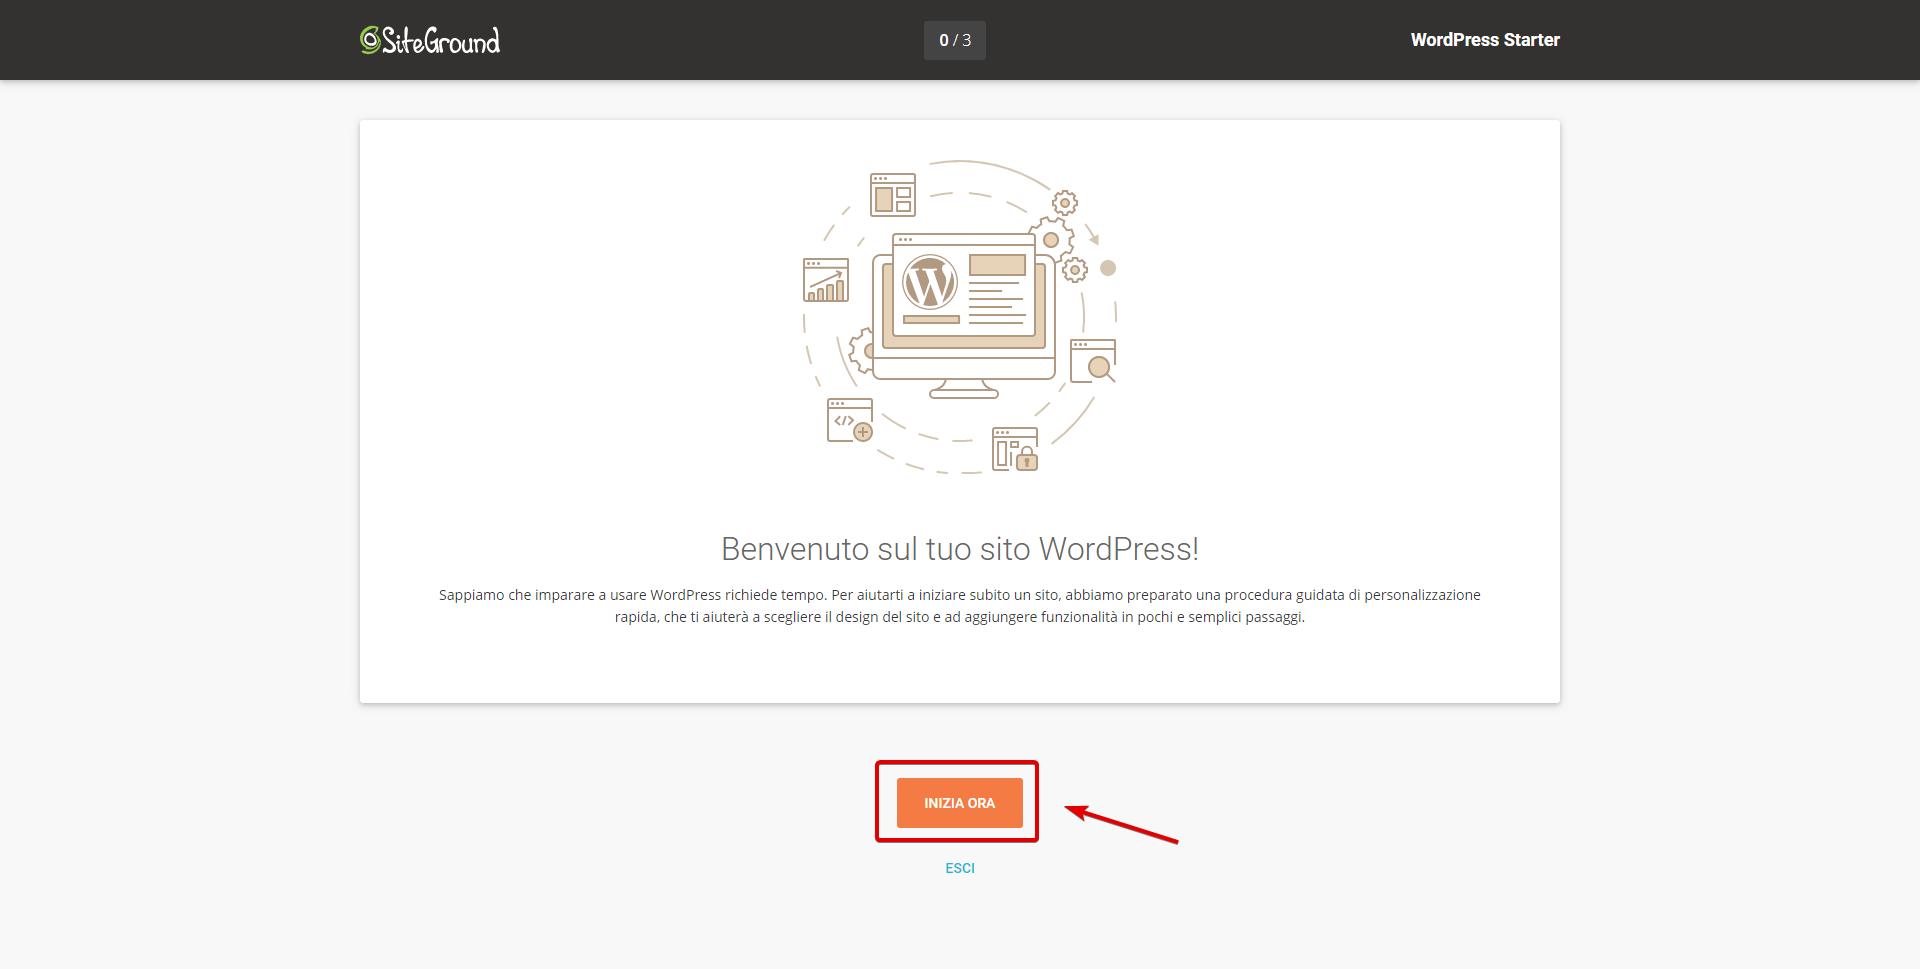 Impostare sito con wordpress starter su Siteground